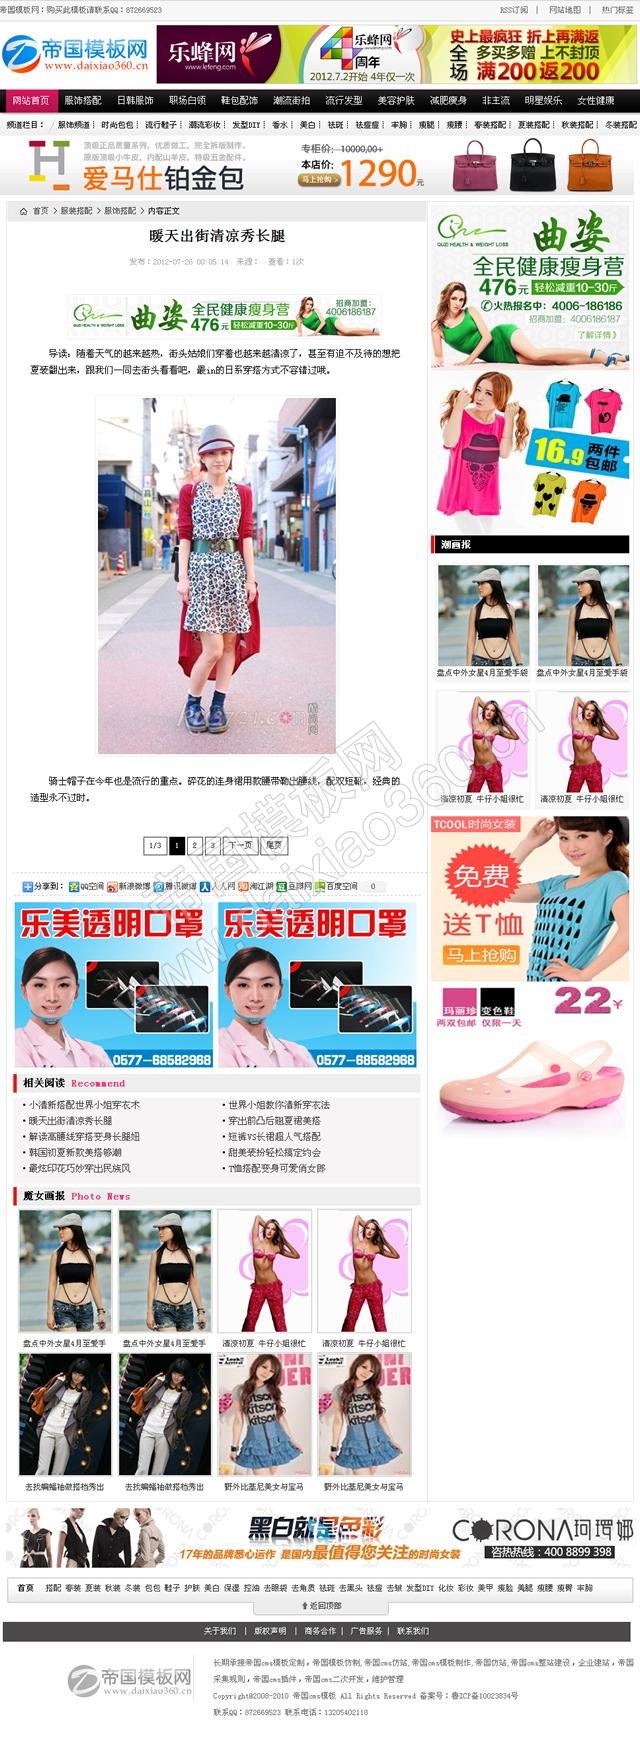 帝国cms女性女人服饰搭配网站模板_内容页